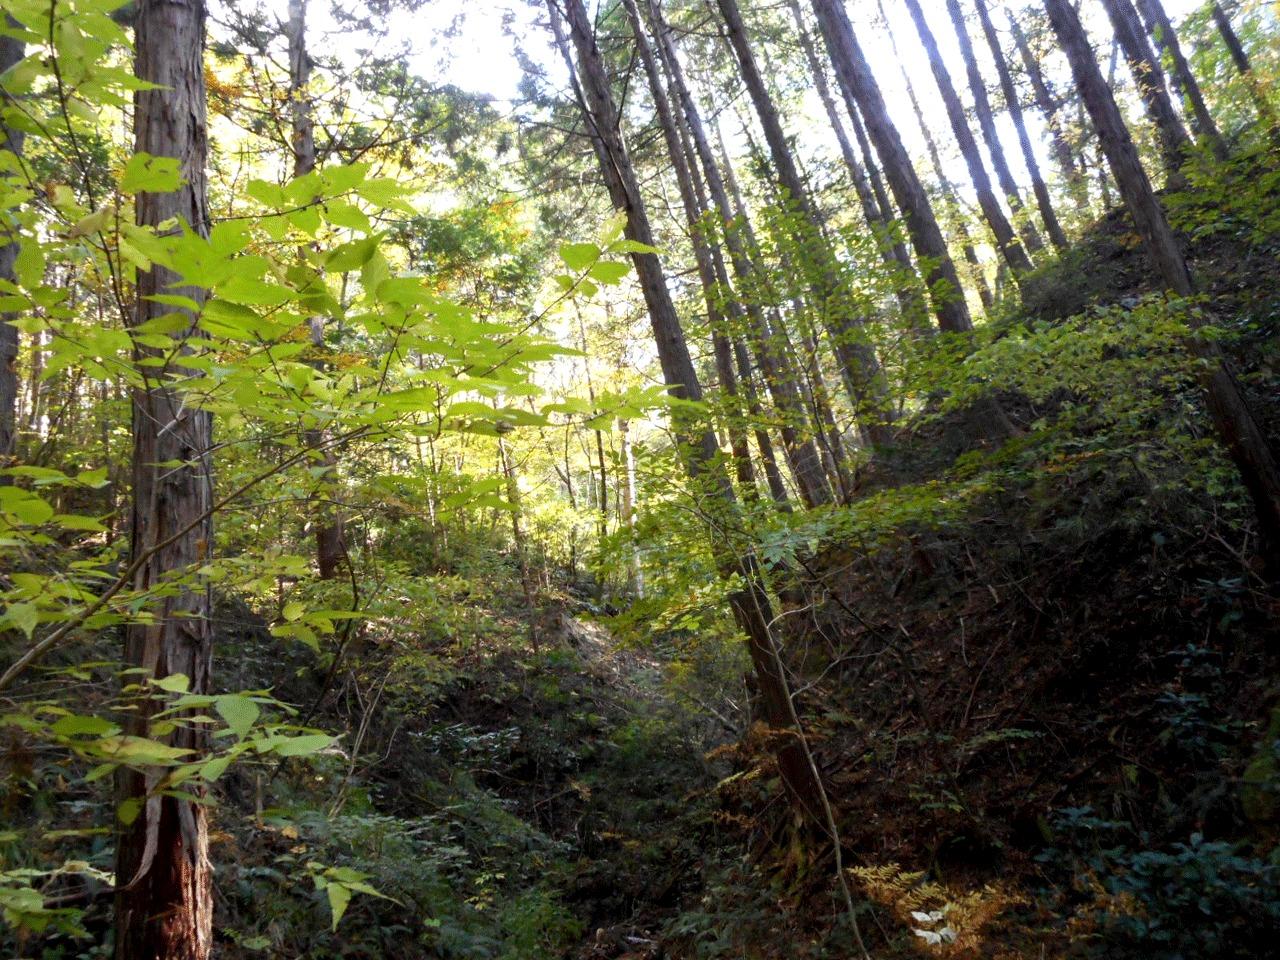 森のなかにしばらくたたずむだけで、普段の心のざわざわが落ち着いていきます。